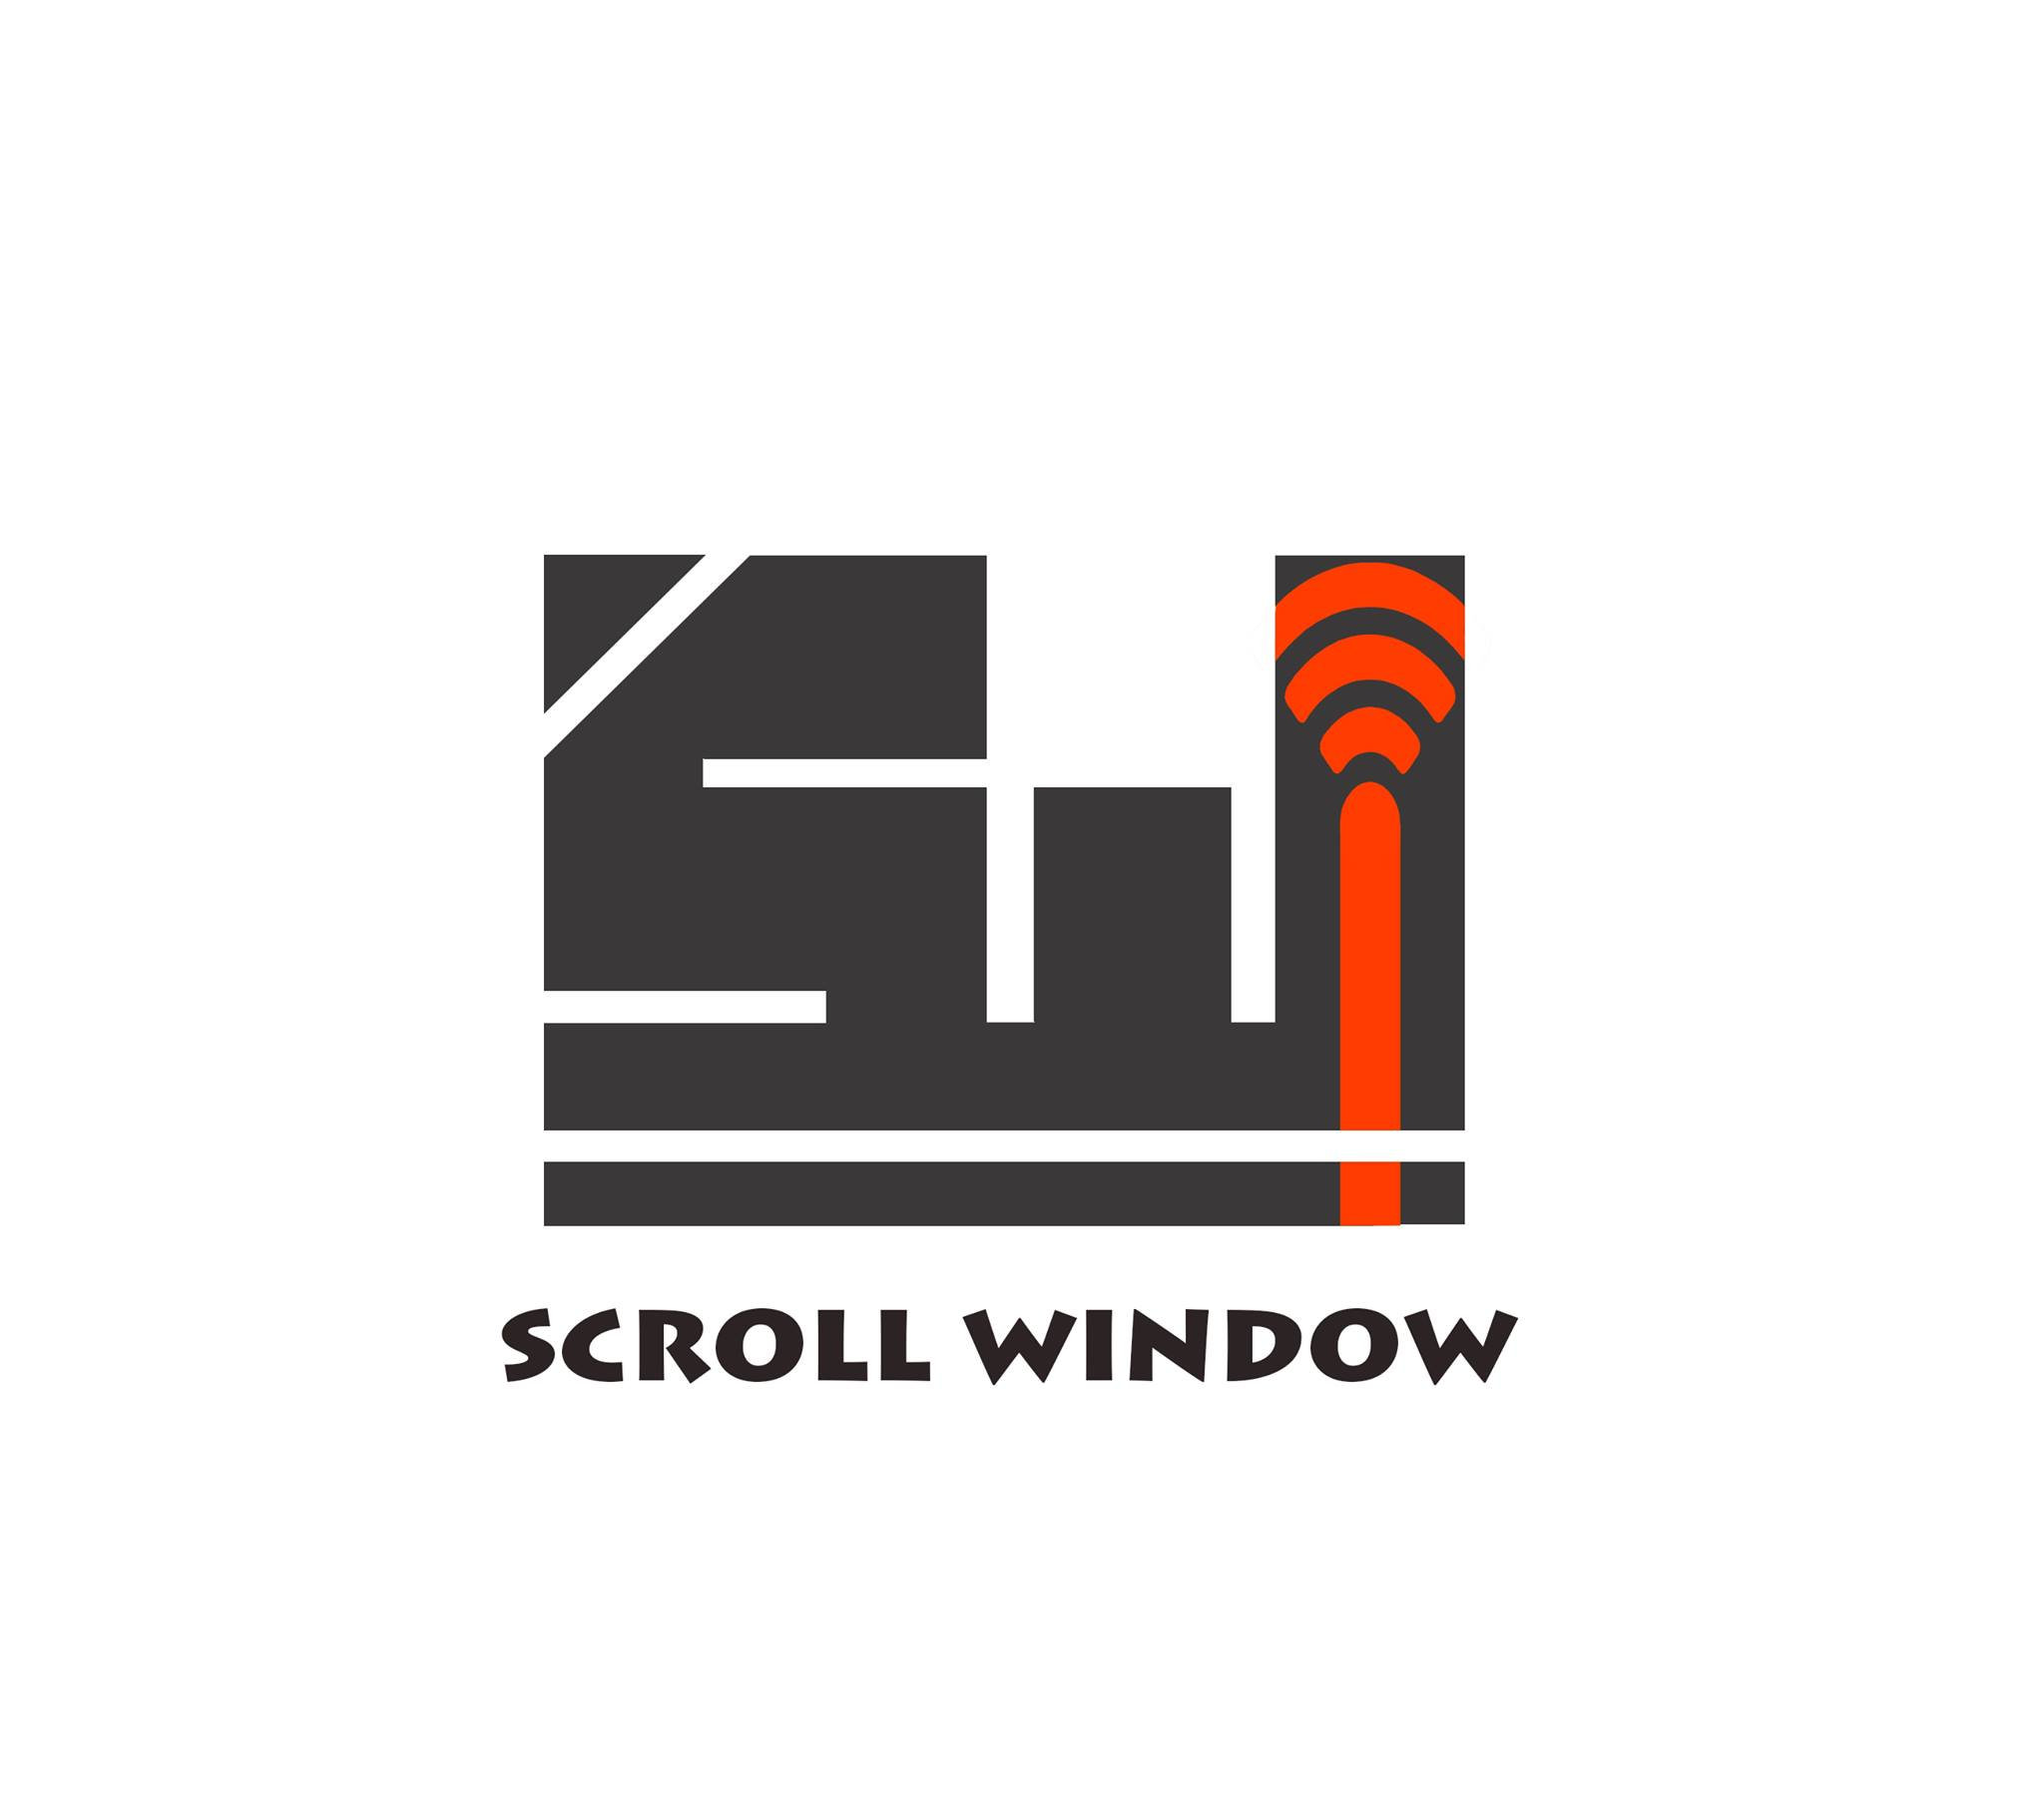 ScrollWindow